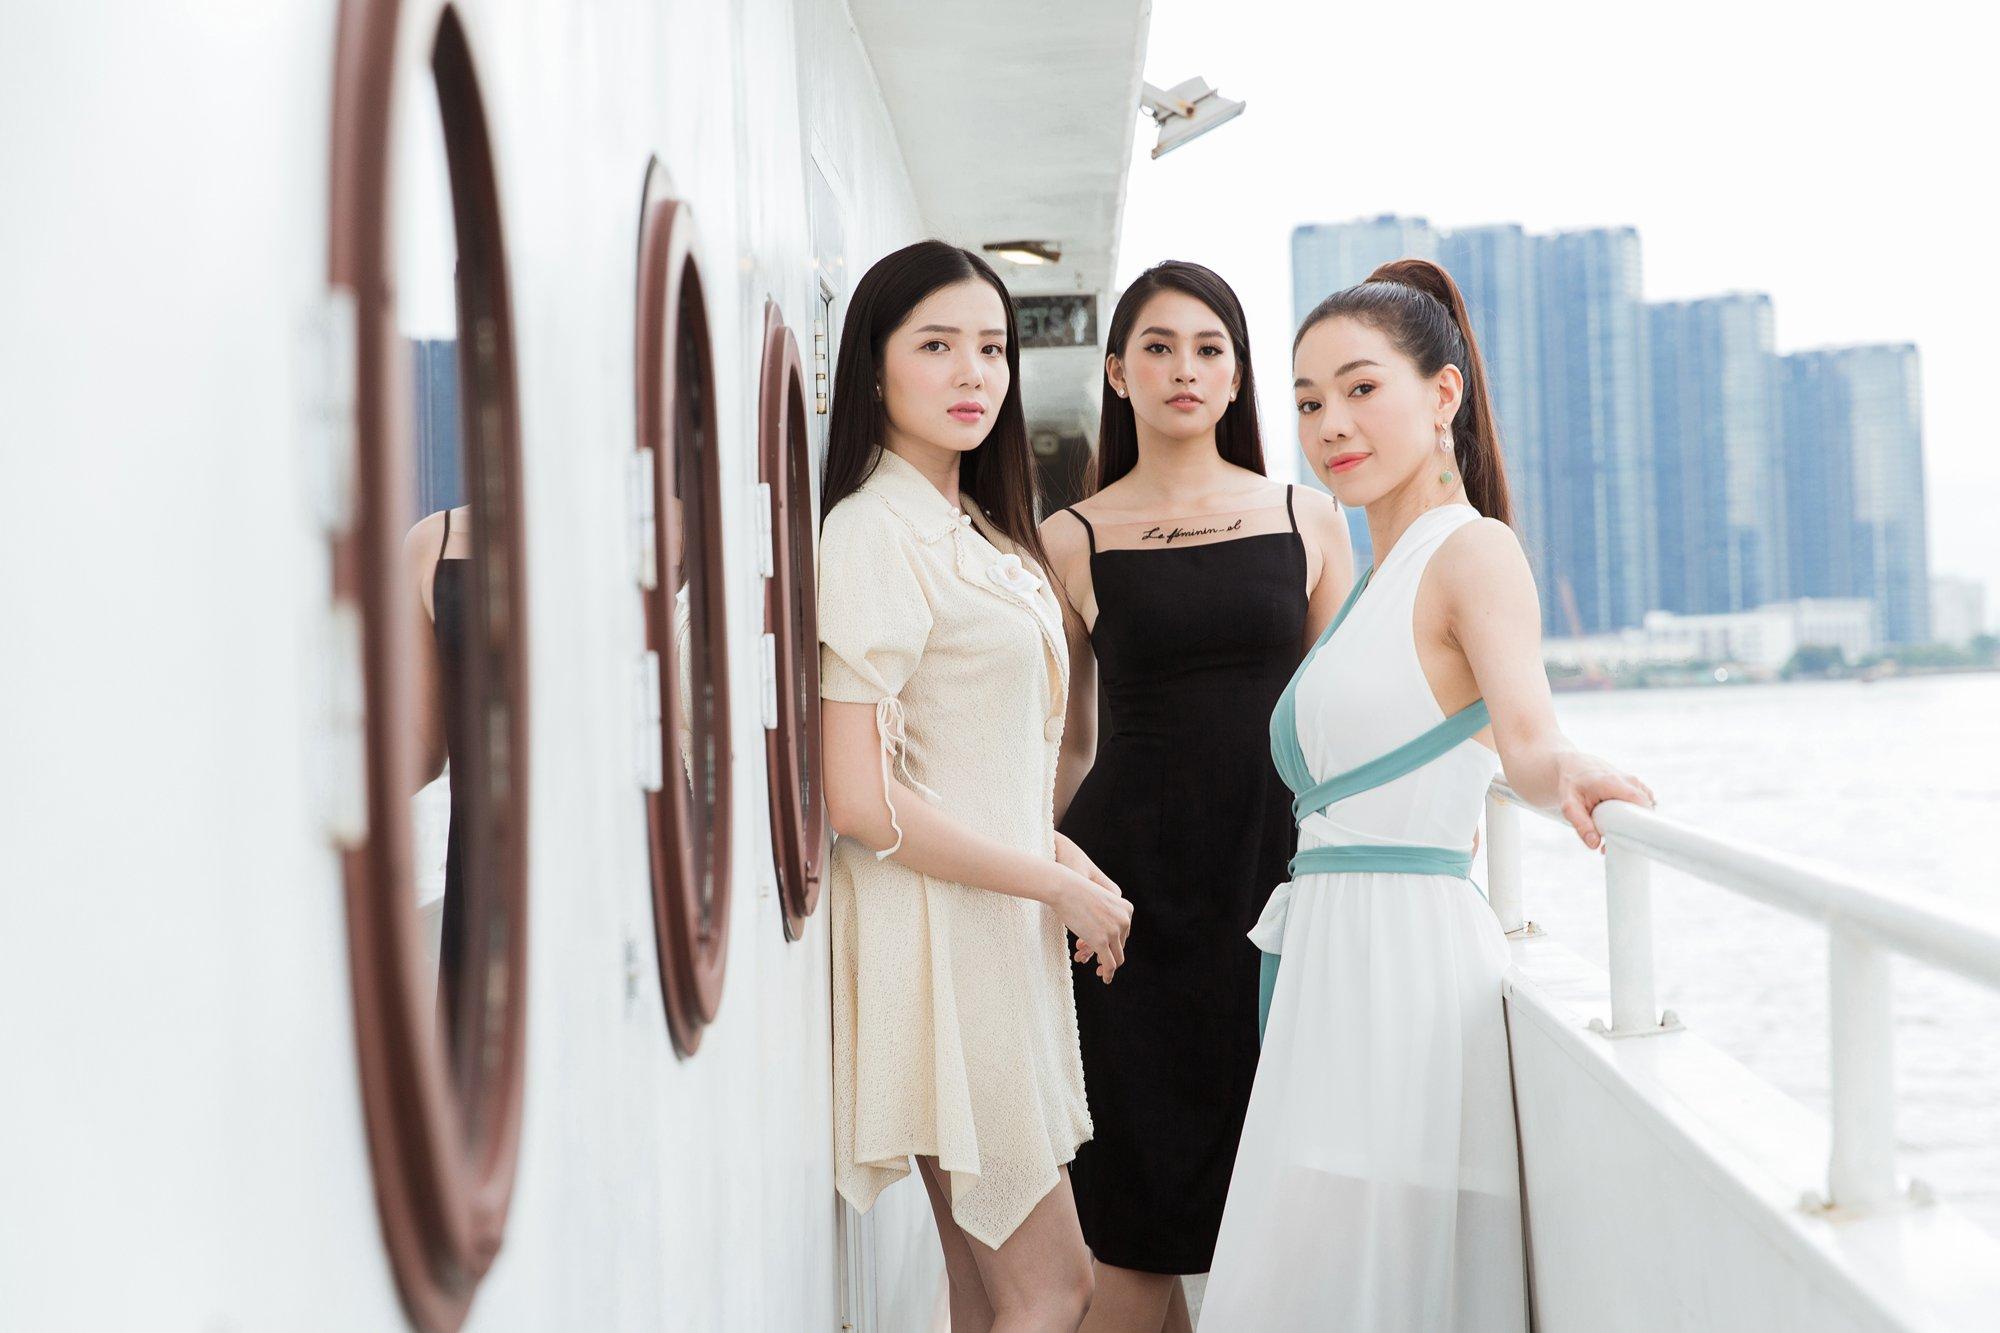 King Yacht Cruise đồng hành cùng Miss World Việt Nam 2019 - Trần Tiểu Vy